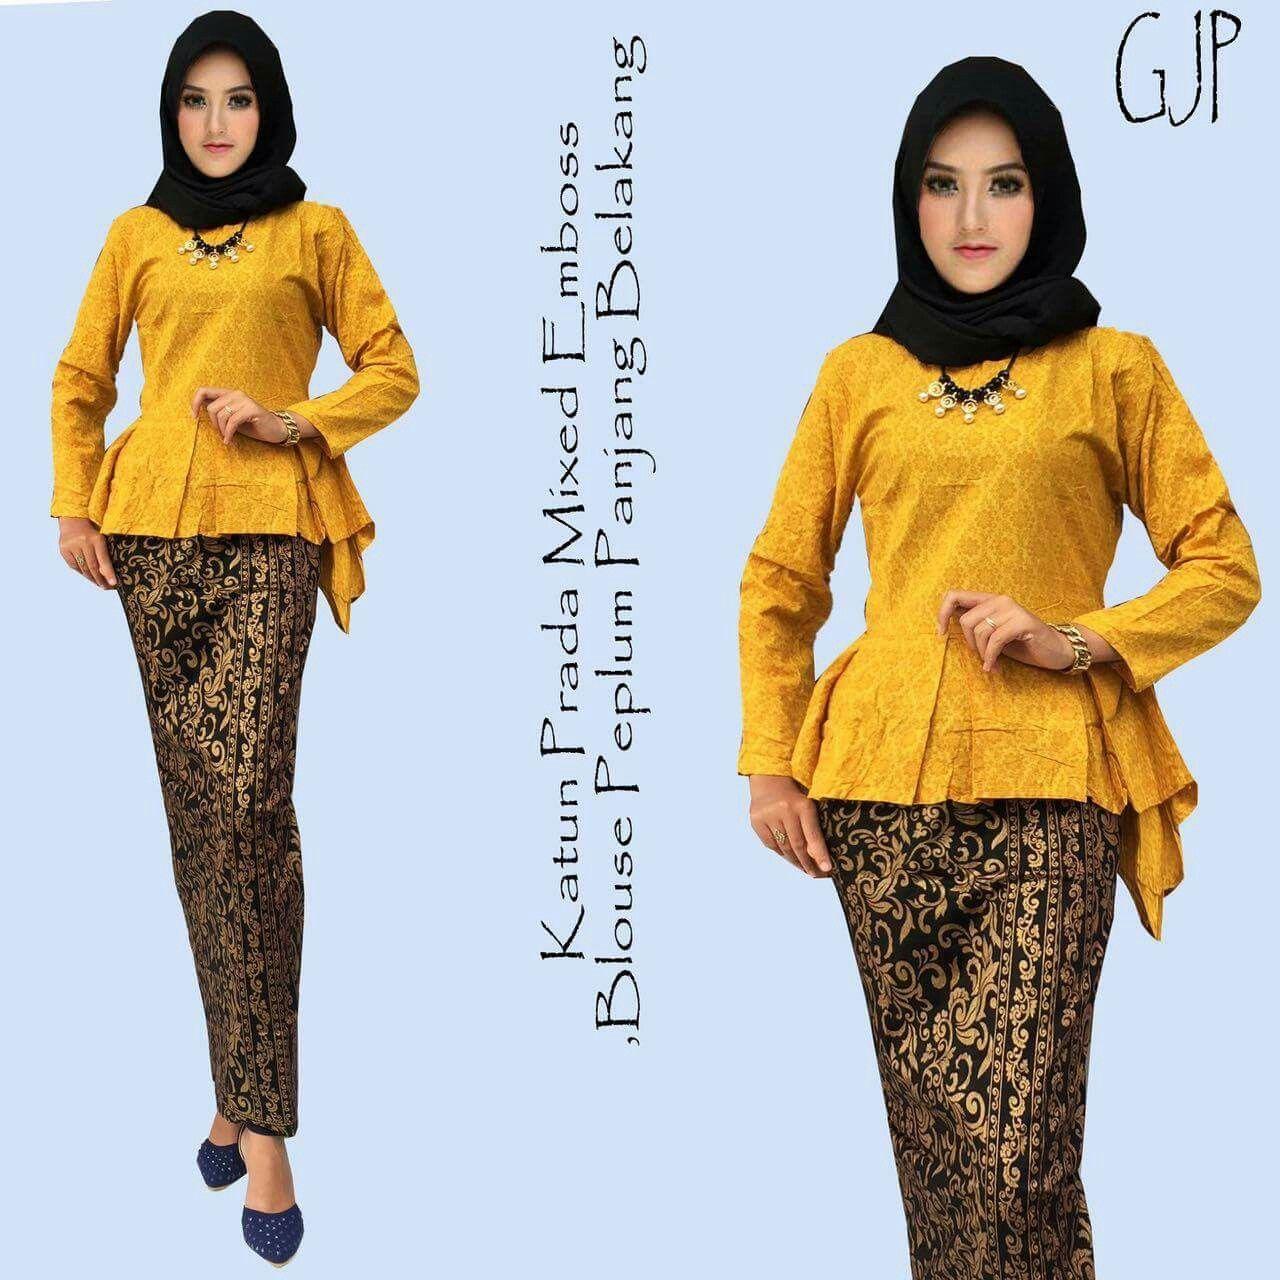 Baju Embos Kombinasi Batik: Rok Dan Blouse Batik GJP Kuning Batik Prada Kombinasi